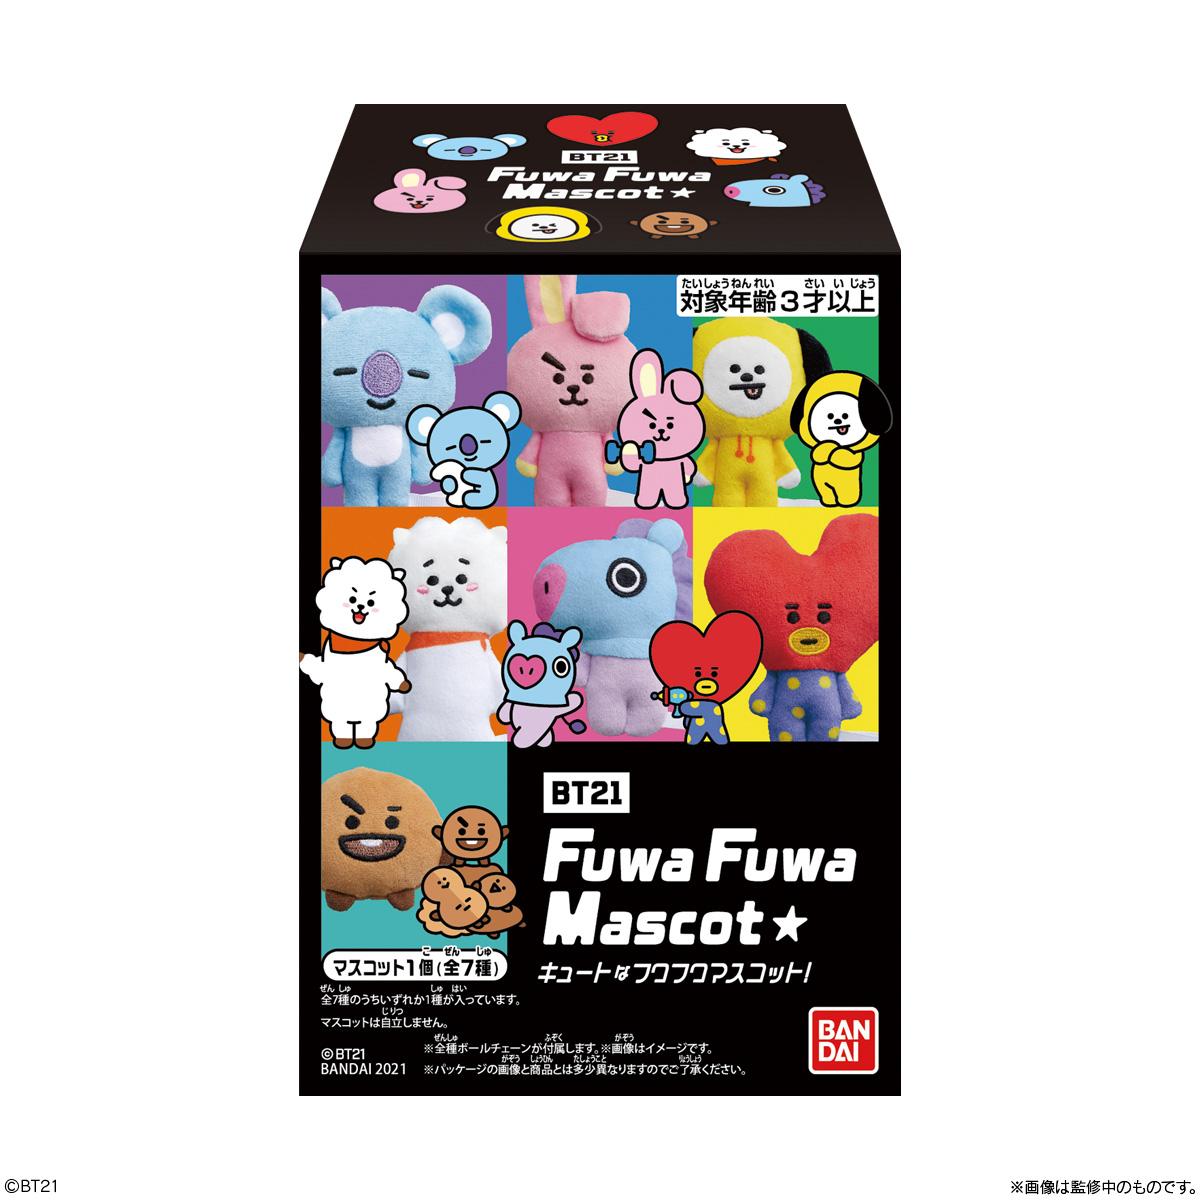 【食玩】BT21『BT21 Fuwa Fuwa Mascot★』10個入りBOX-009